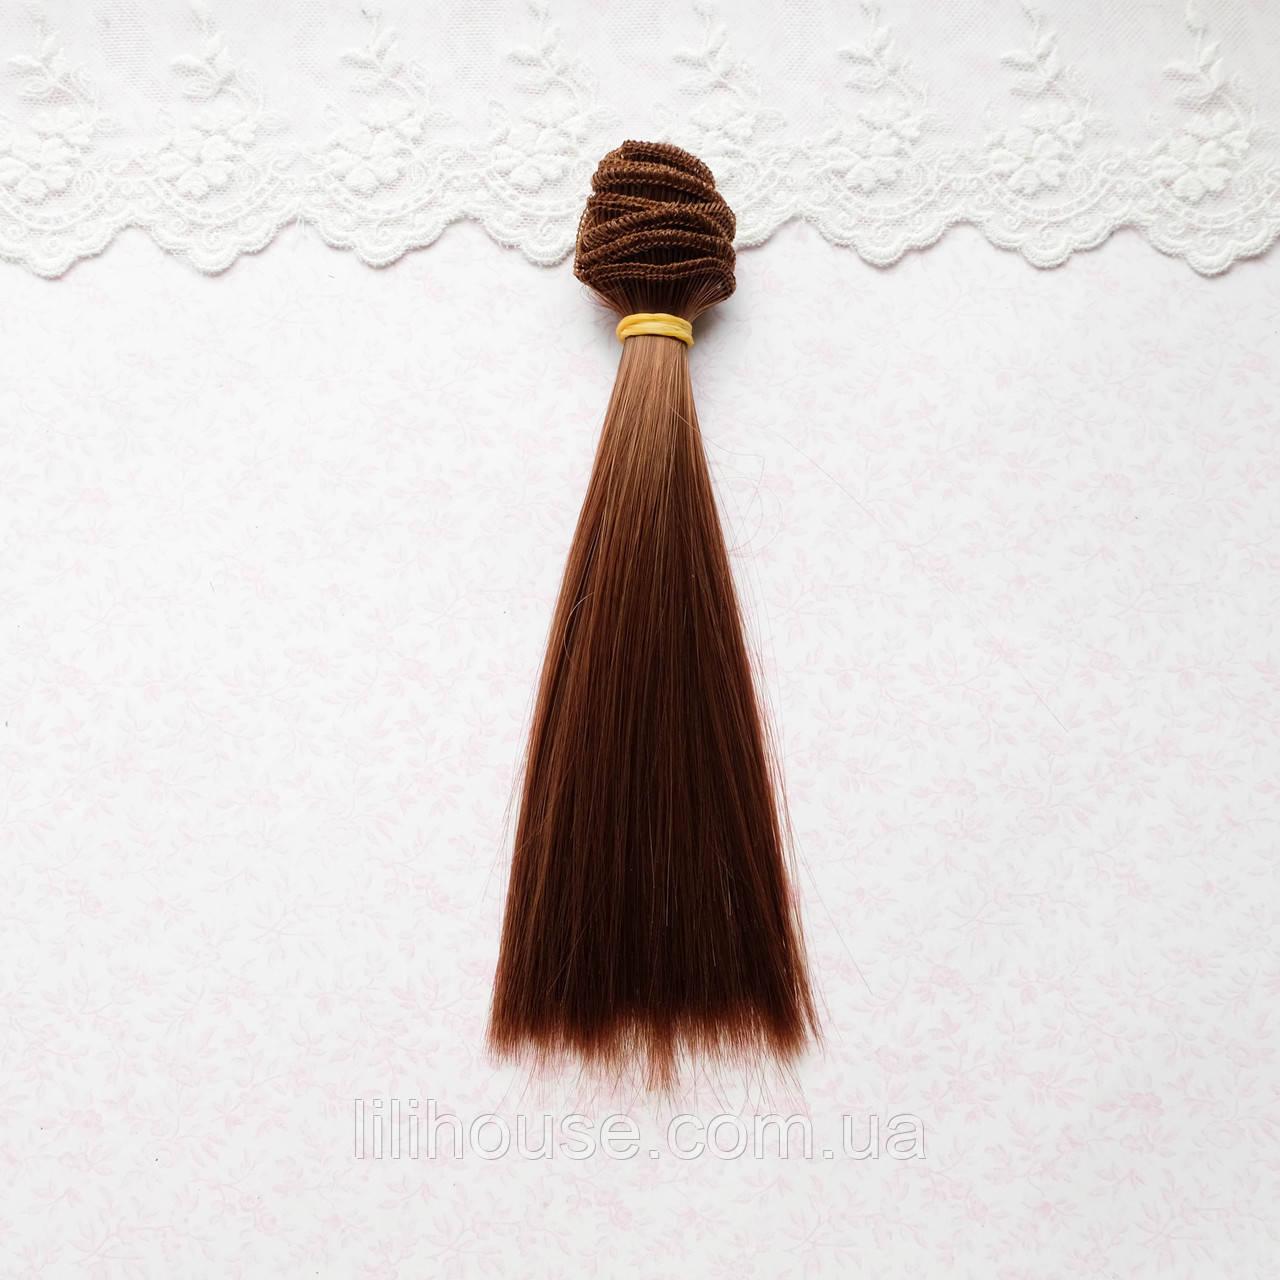 Волосы для Кукол Трессы ШАНГРИЛА Шелк 25 см